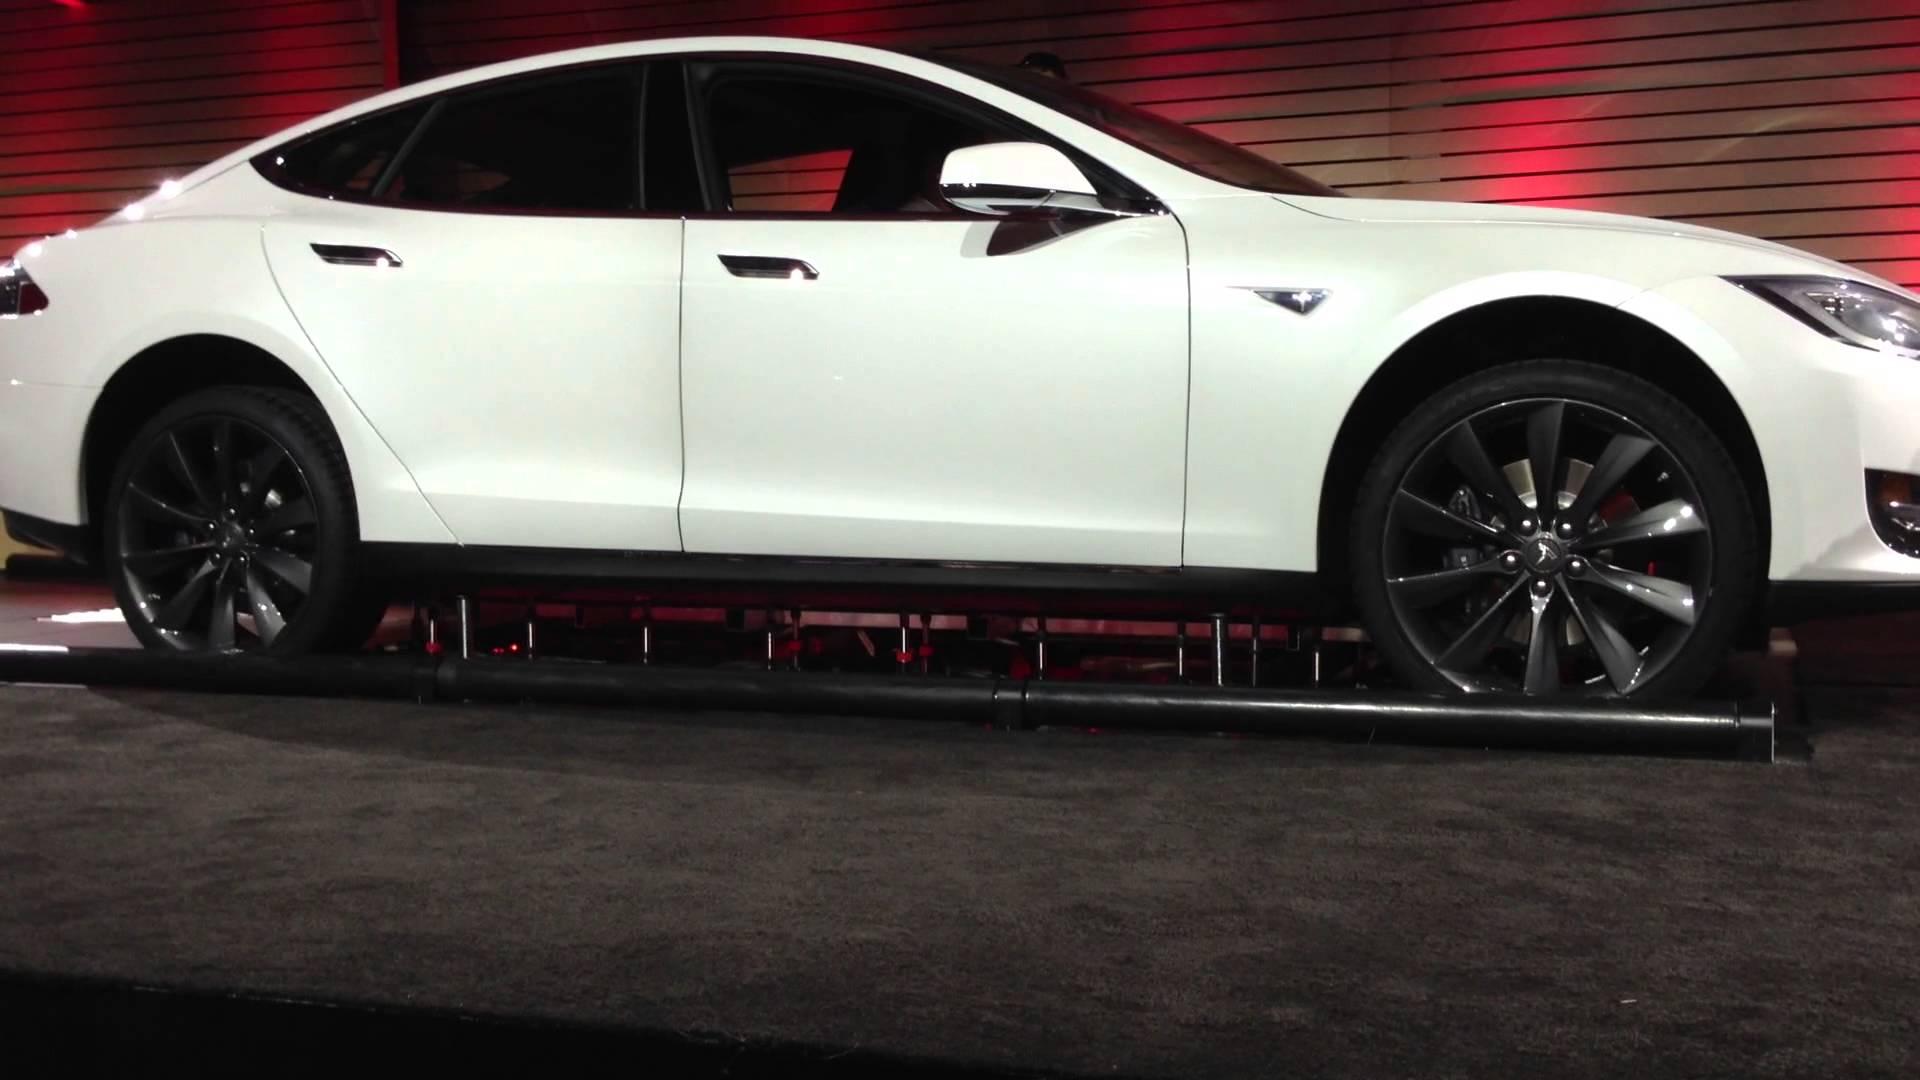 Elon Musk Swaps a Tesla battery in 90sec